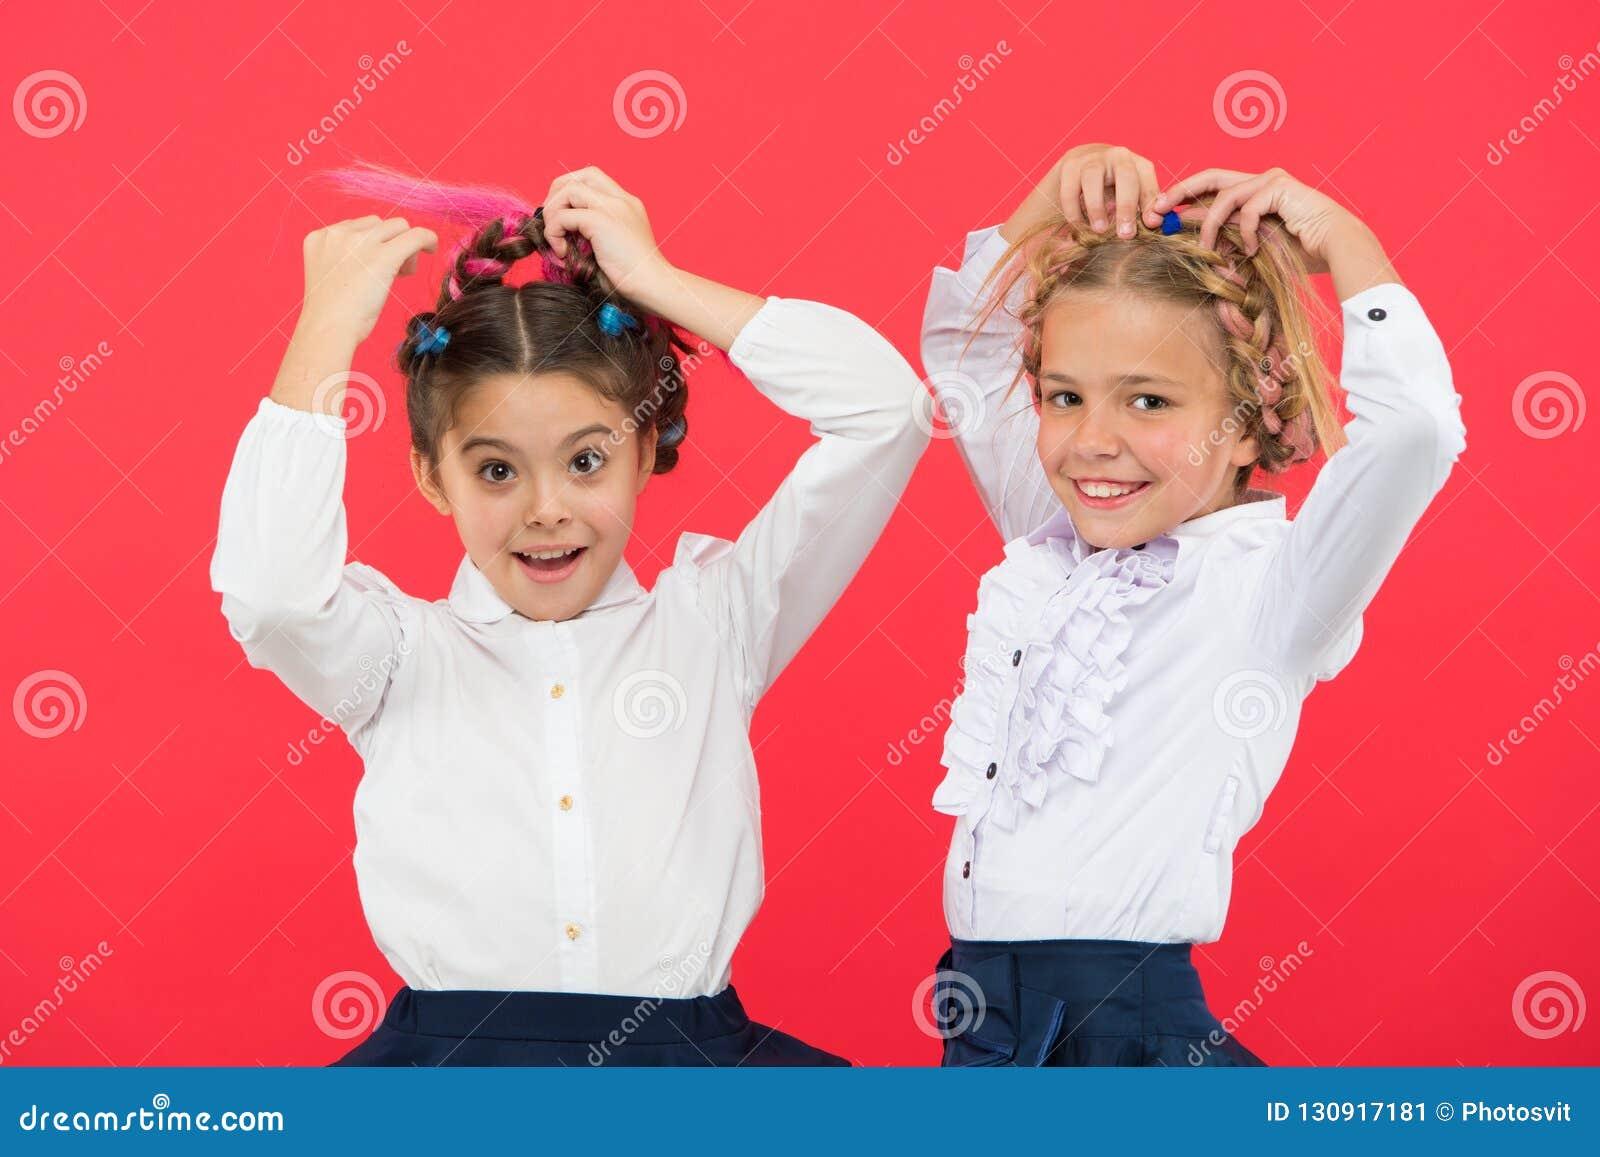 Mantenha o cabelo trançado para o olhar arrumado Os alunos das crianças jogam com cabelo trançado longo Salão de beleza do cabele